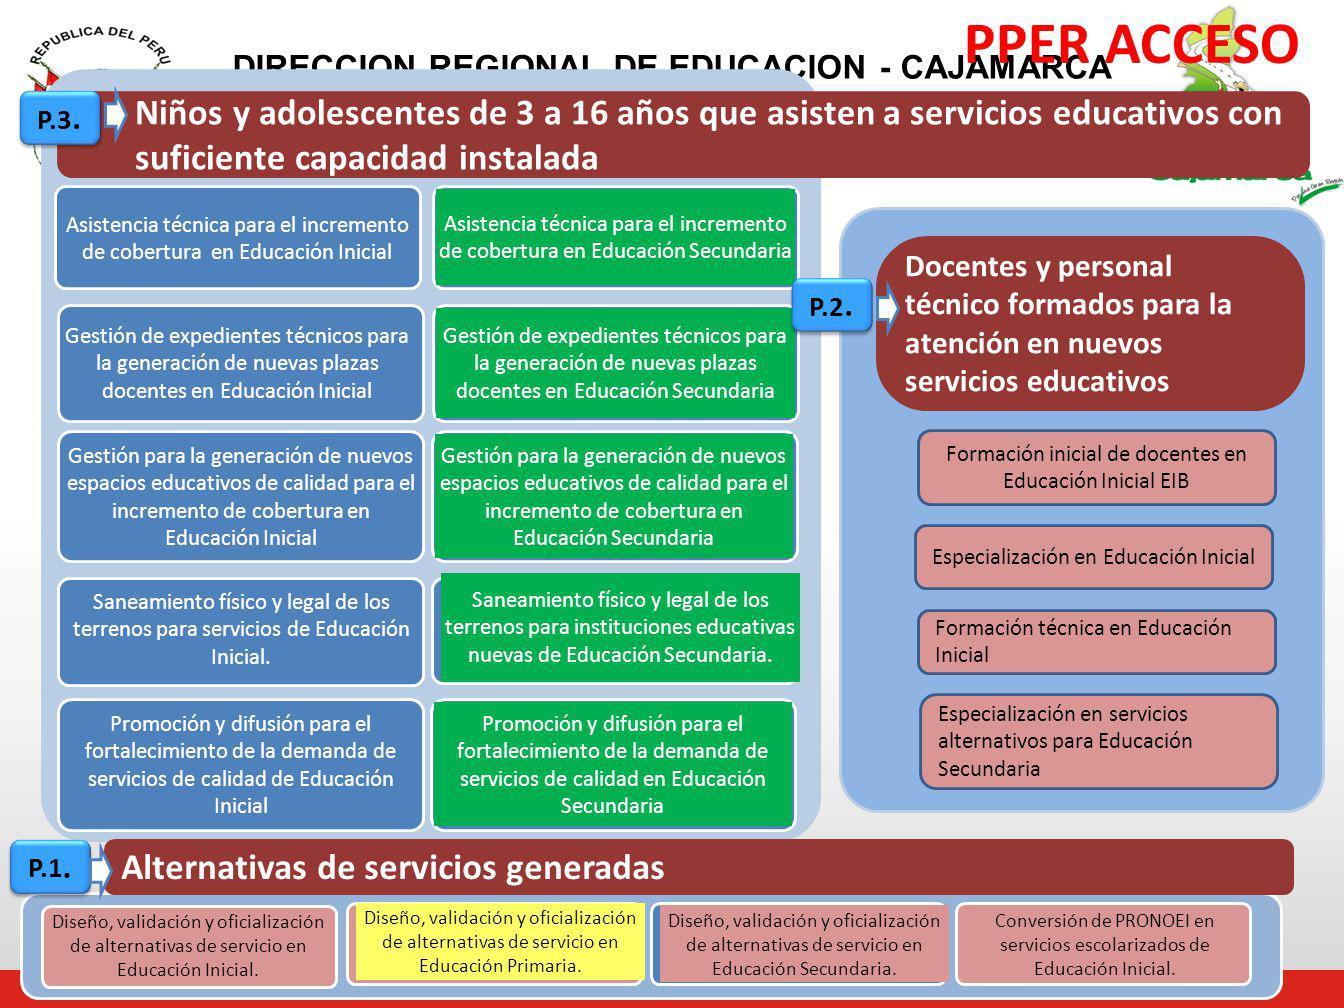 PPER ACCESO P.3. Niños y adolescentes de 3 a 16 años que asisten a servicios educativos con. suficiente capacidad instalada.